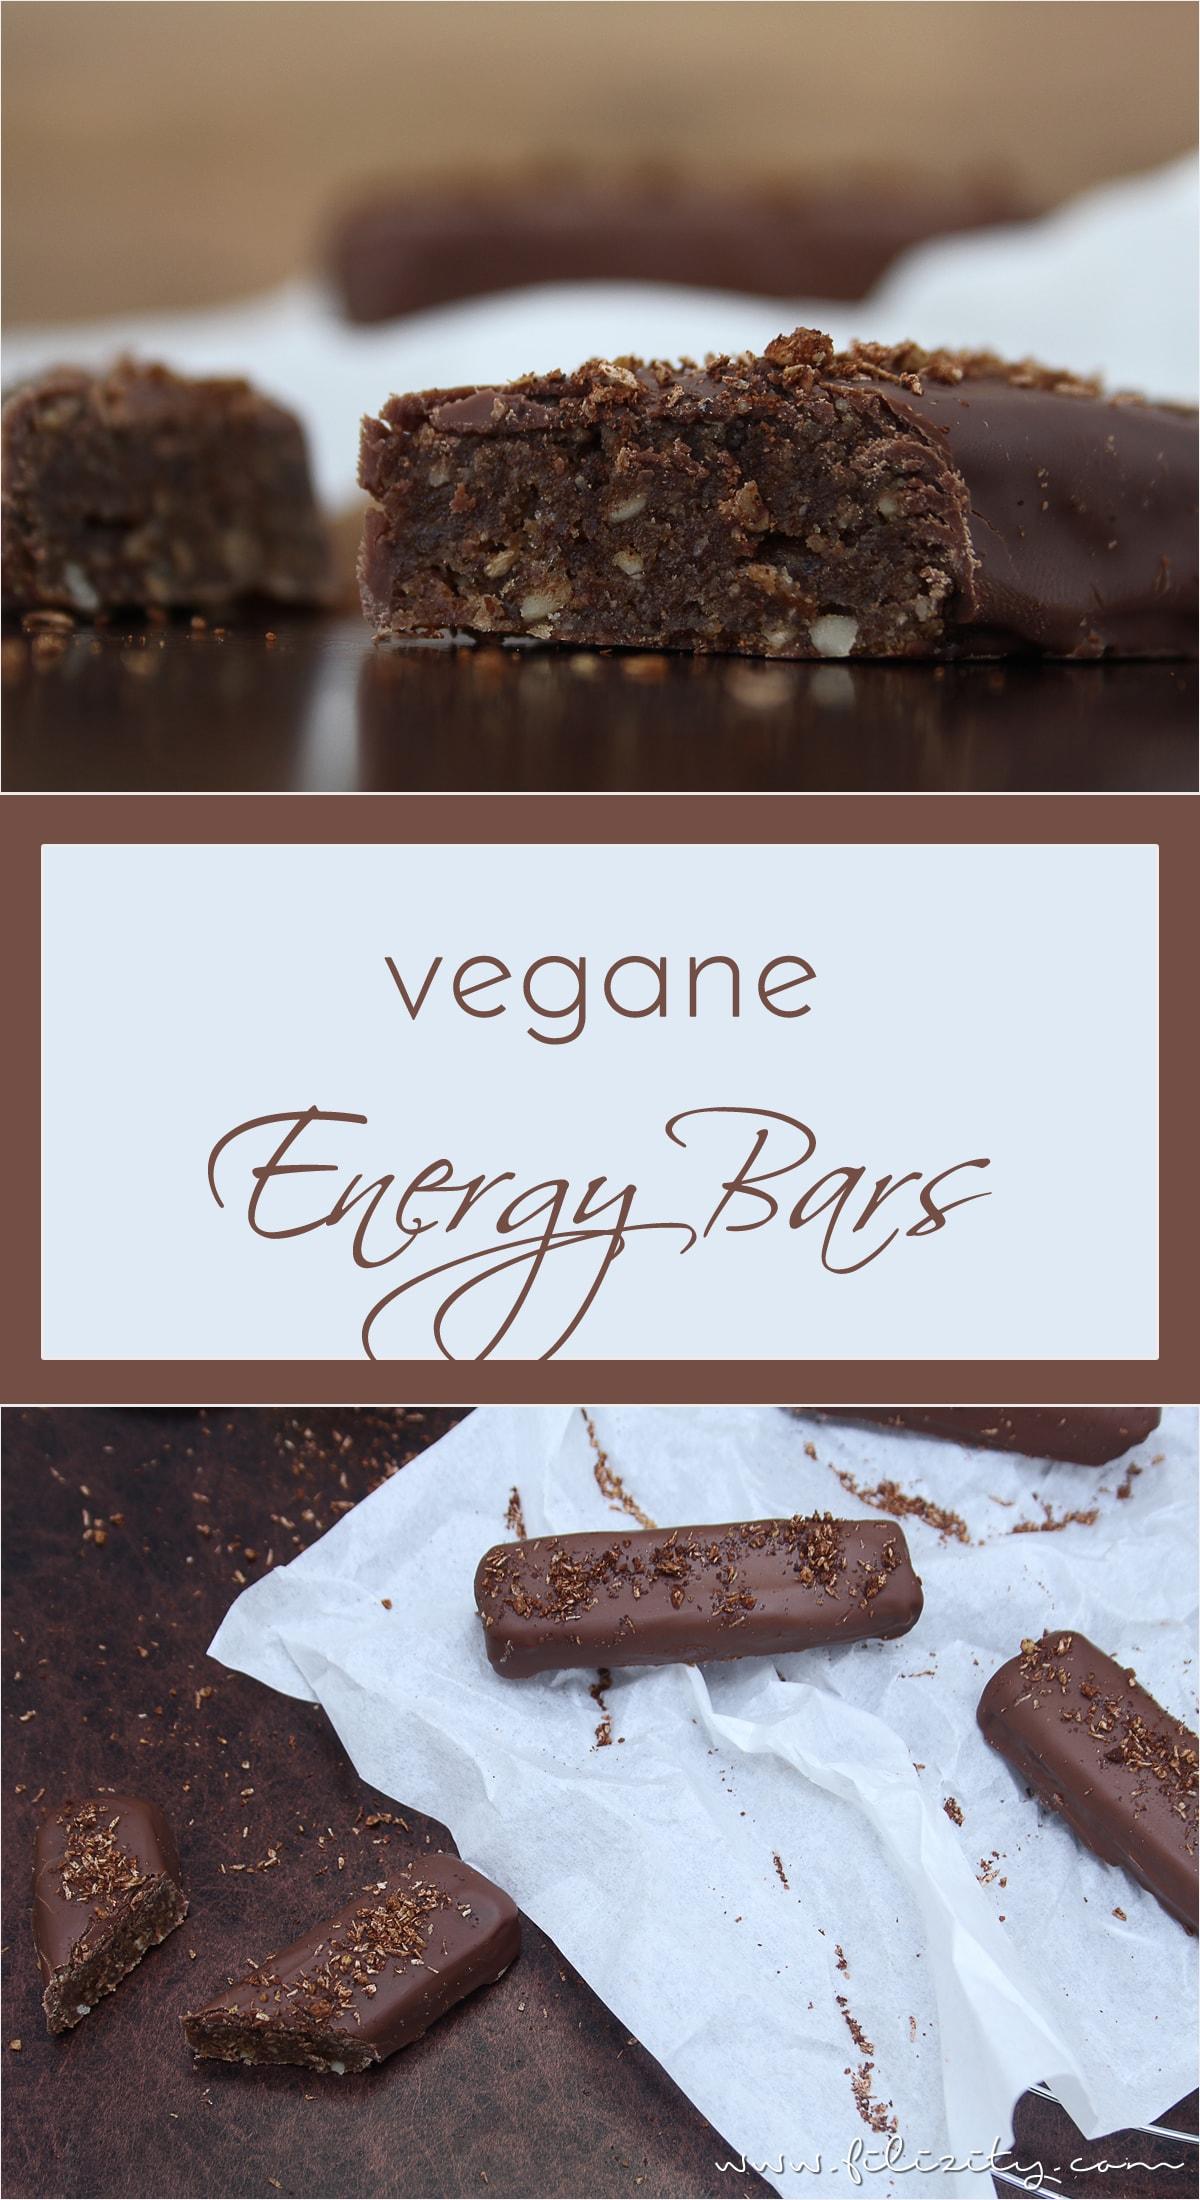 Rezept: Vegane Energy Bars mit Datteln, Zimt und Kokos. Diese Schoko-Riegel sind eine wahre Gaumenfreude und noch dazu schnell und einfach selbst gemacht!